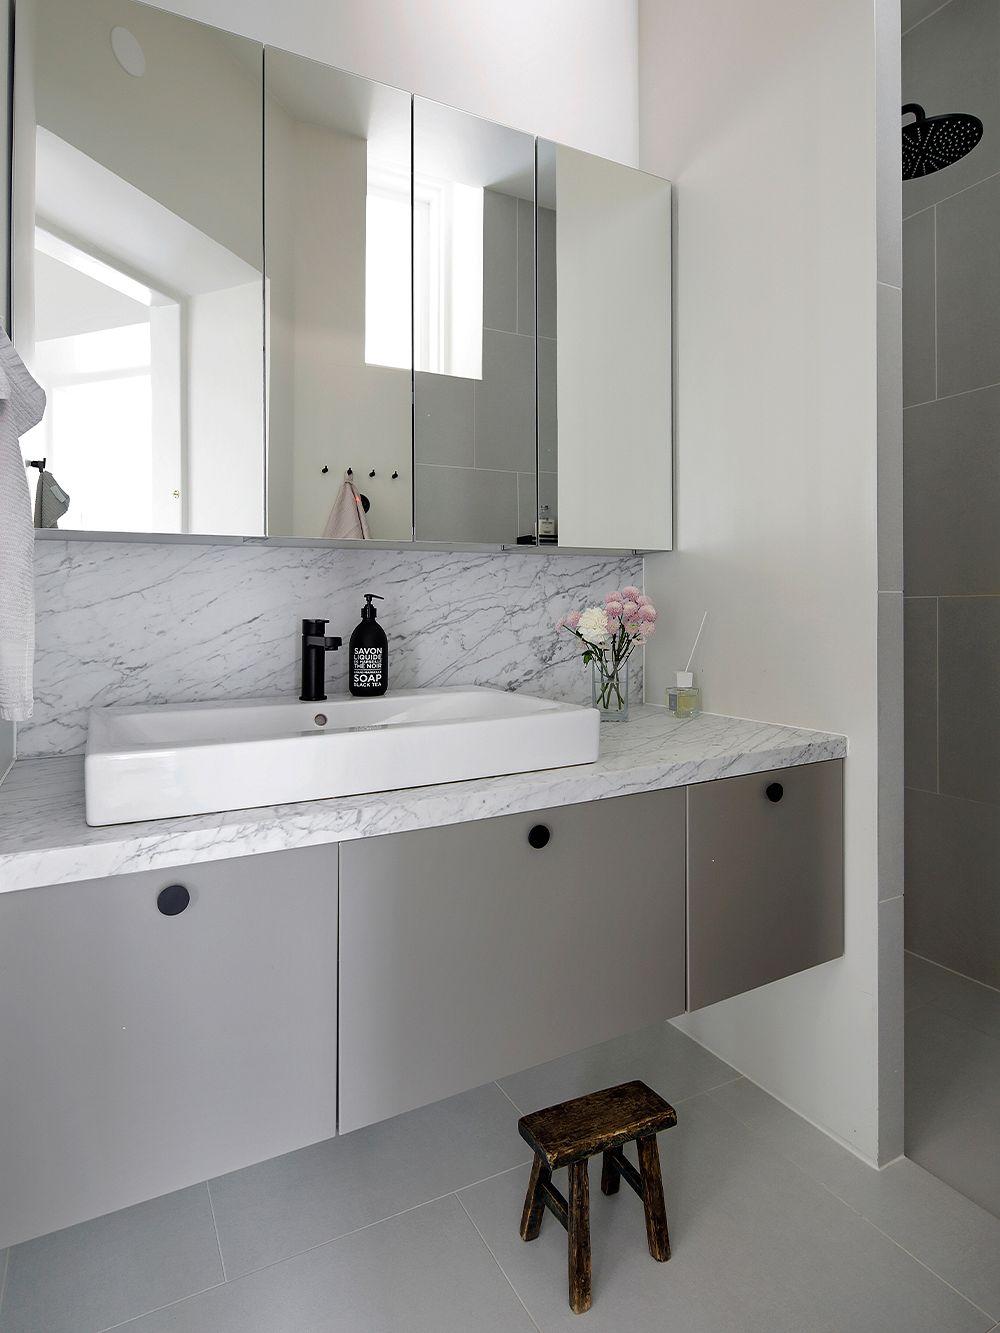 Kylpyhuone Helsingin Ullanlinnassa